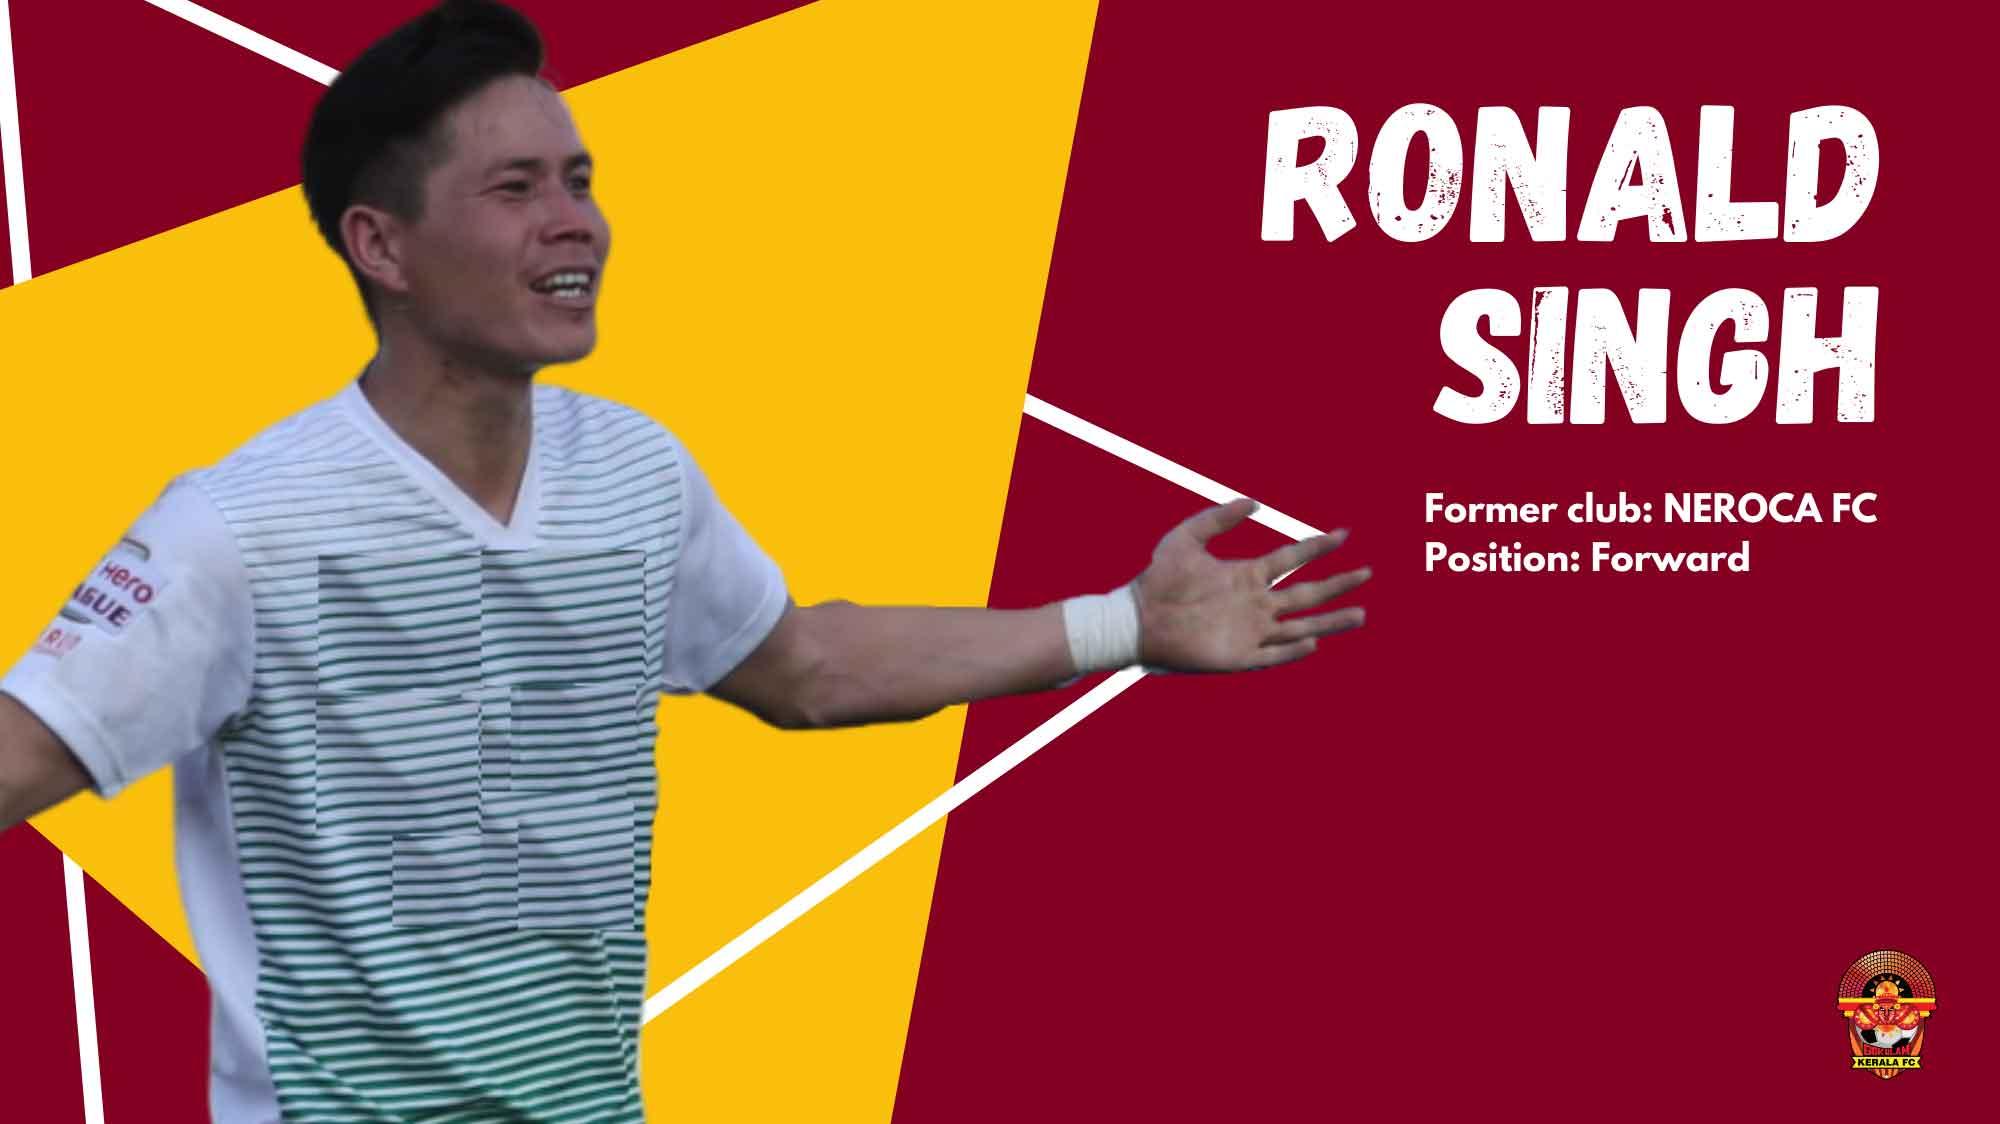 I admire Kerala's football culture: Ronald Singh